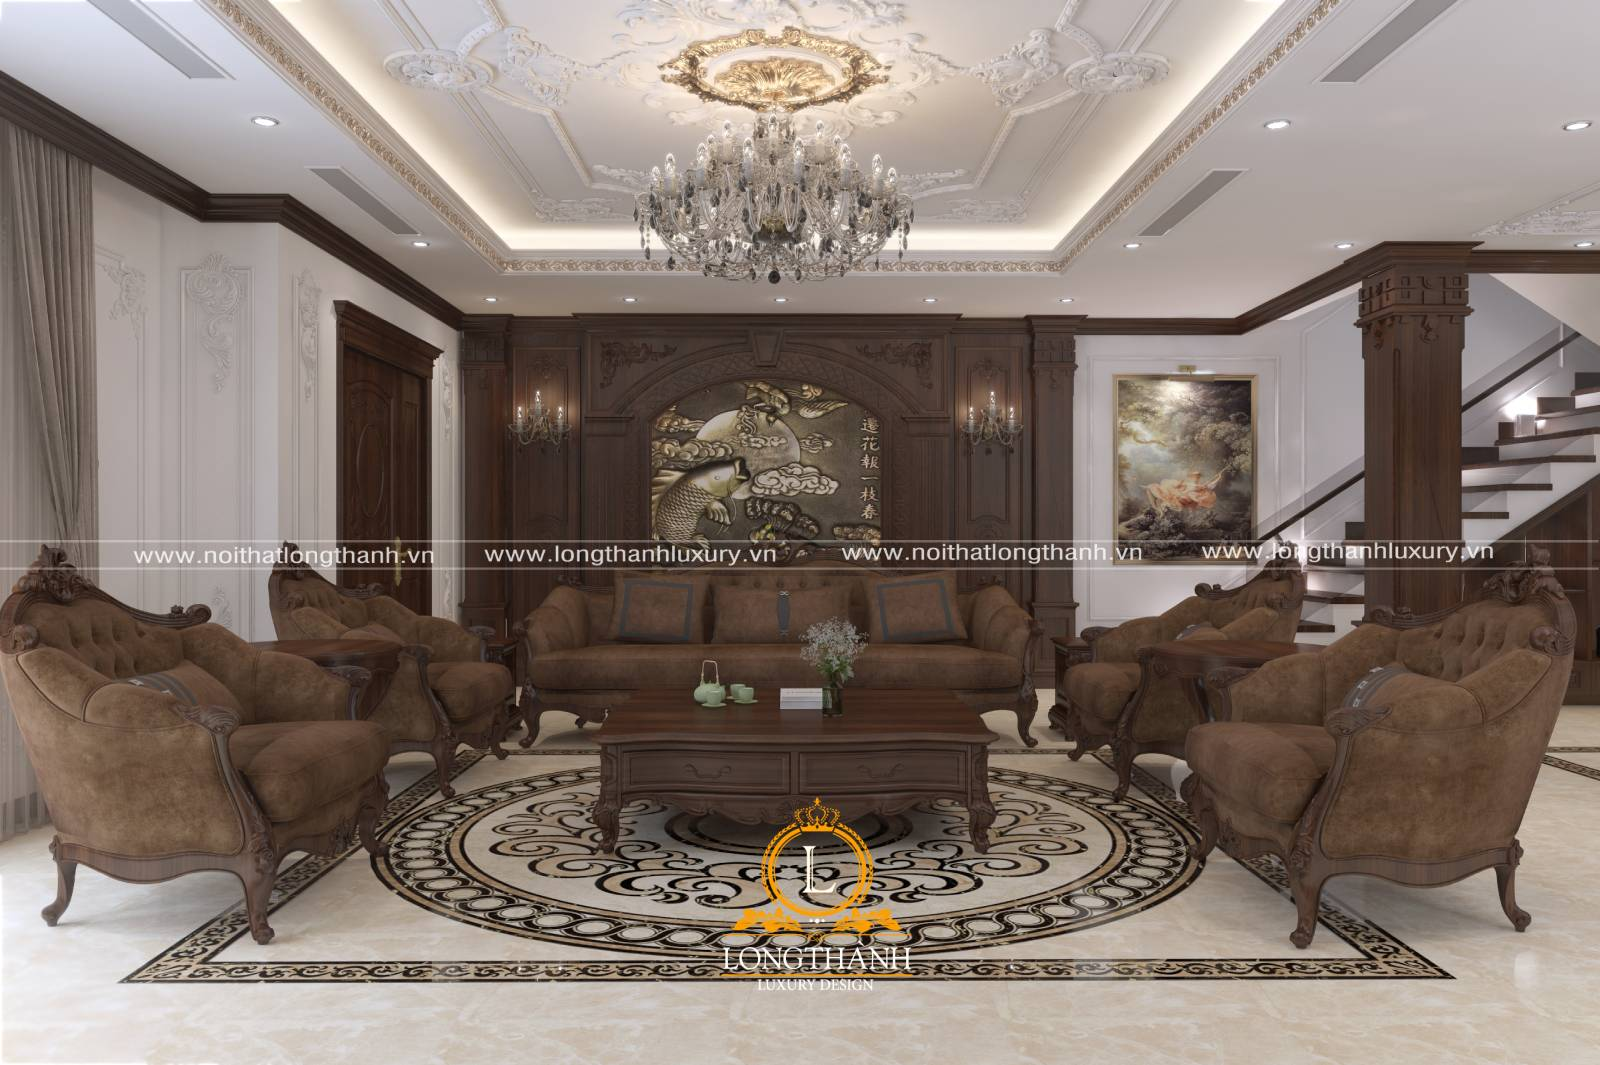 Sofa gỗ được bọc vải nỉ bên ngoài thêm phần sang trọng